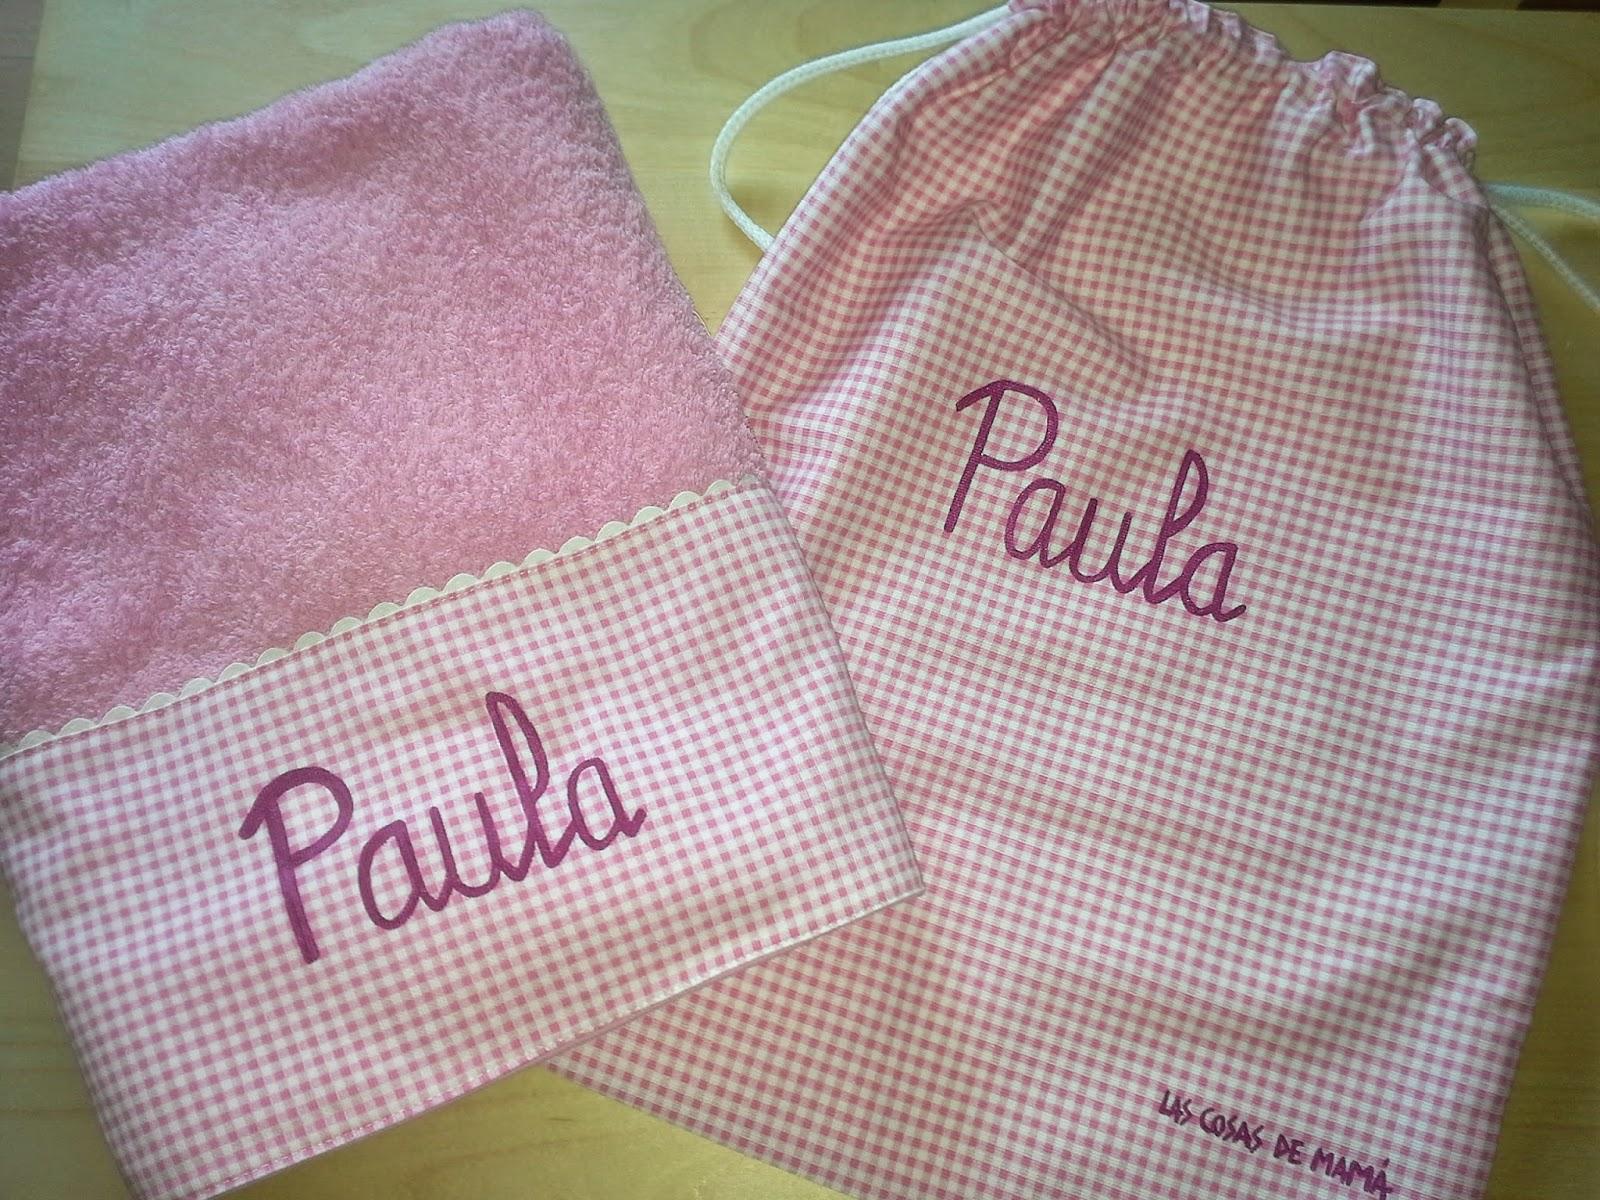 Las cosas de mam mochilas y toallas personalizadas - Toallas infantiles personalizadas ...